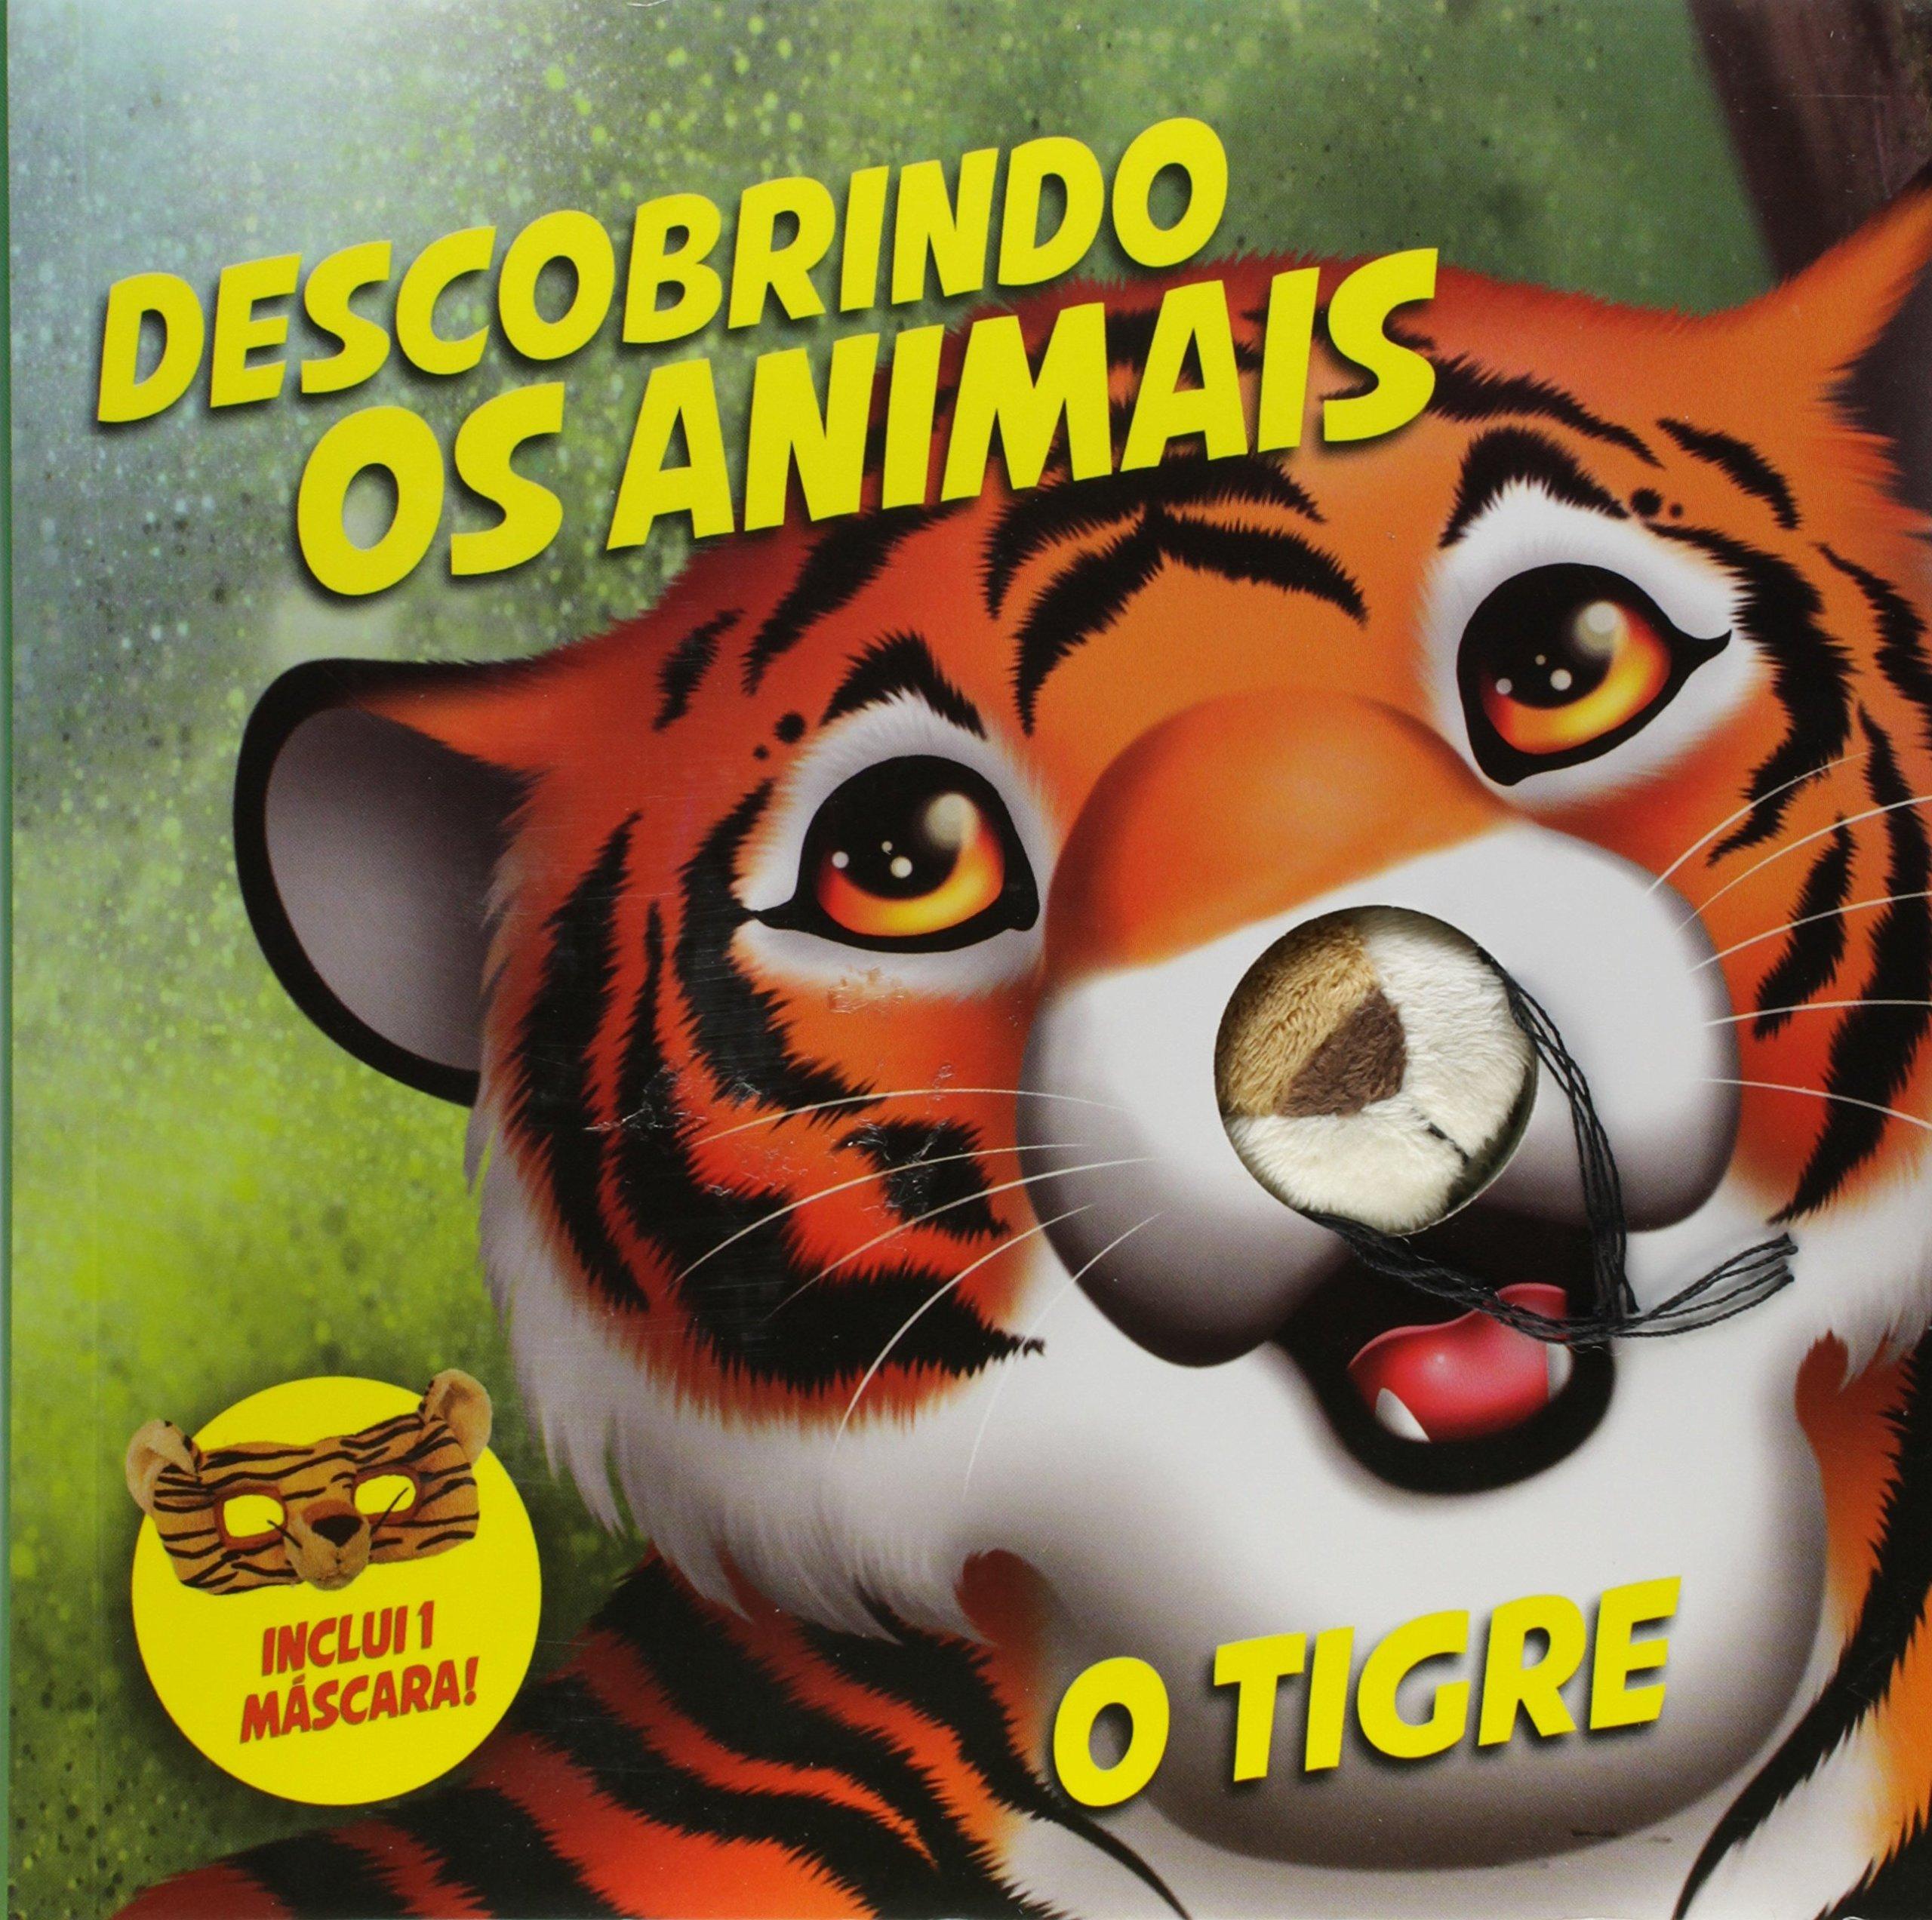 O Tigre - Coleção Descobrindo os Animais (+ Máscara): Vários Autores: 9788541004510: Amazon.com: Books